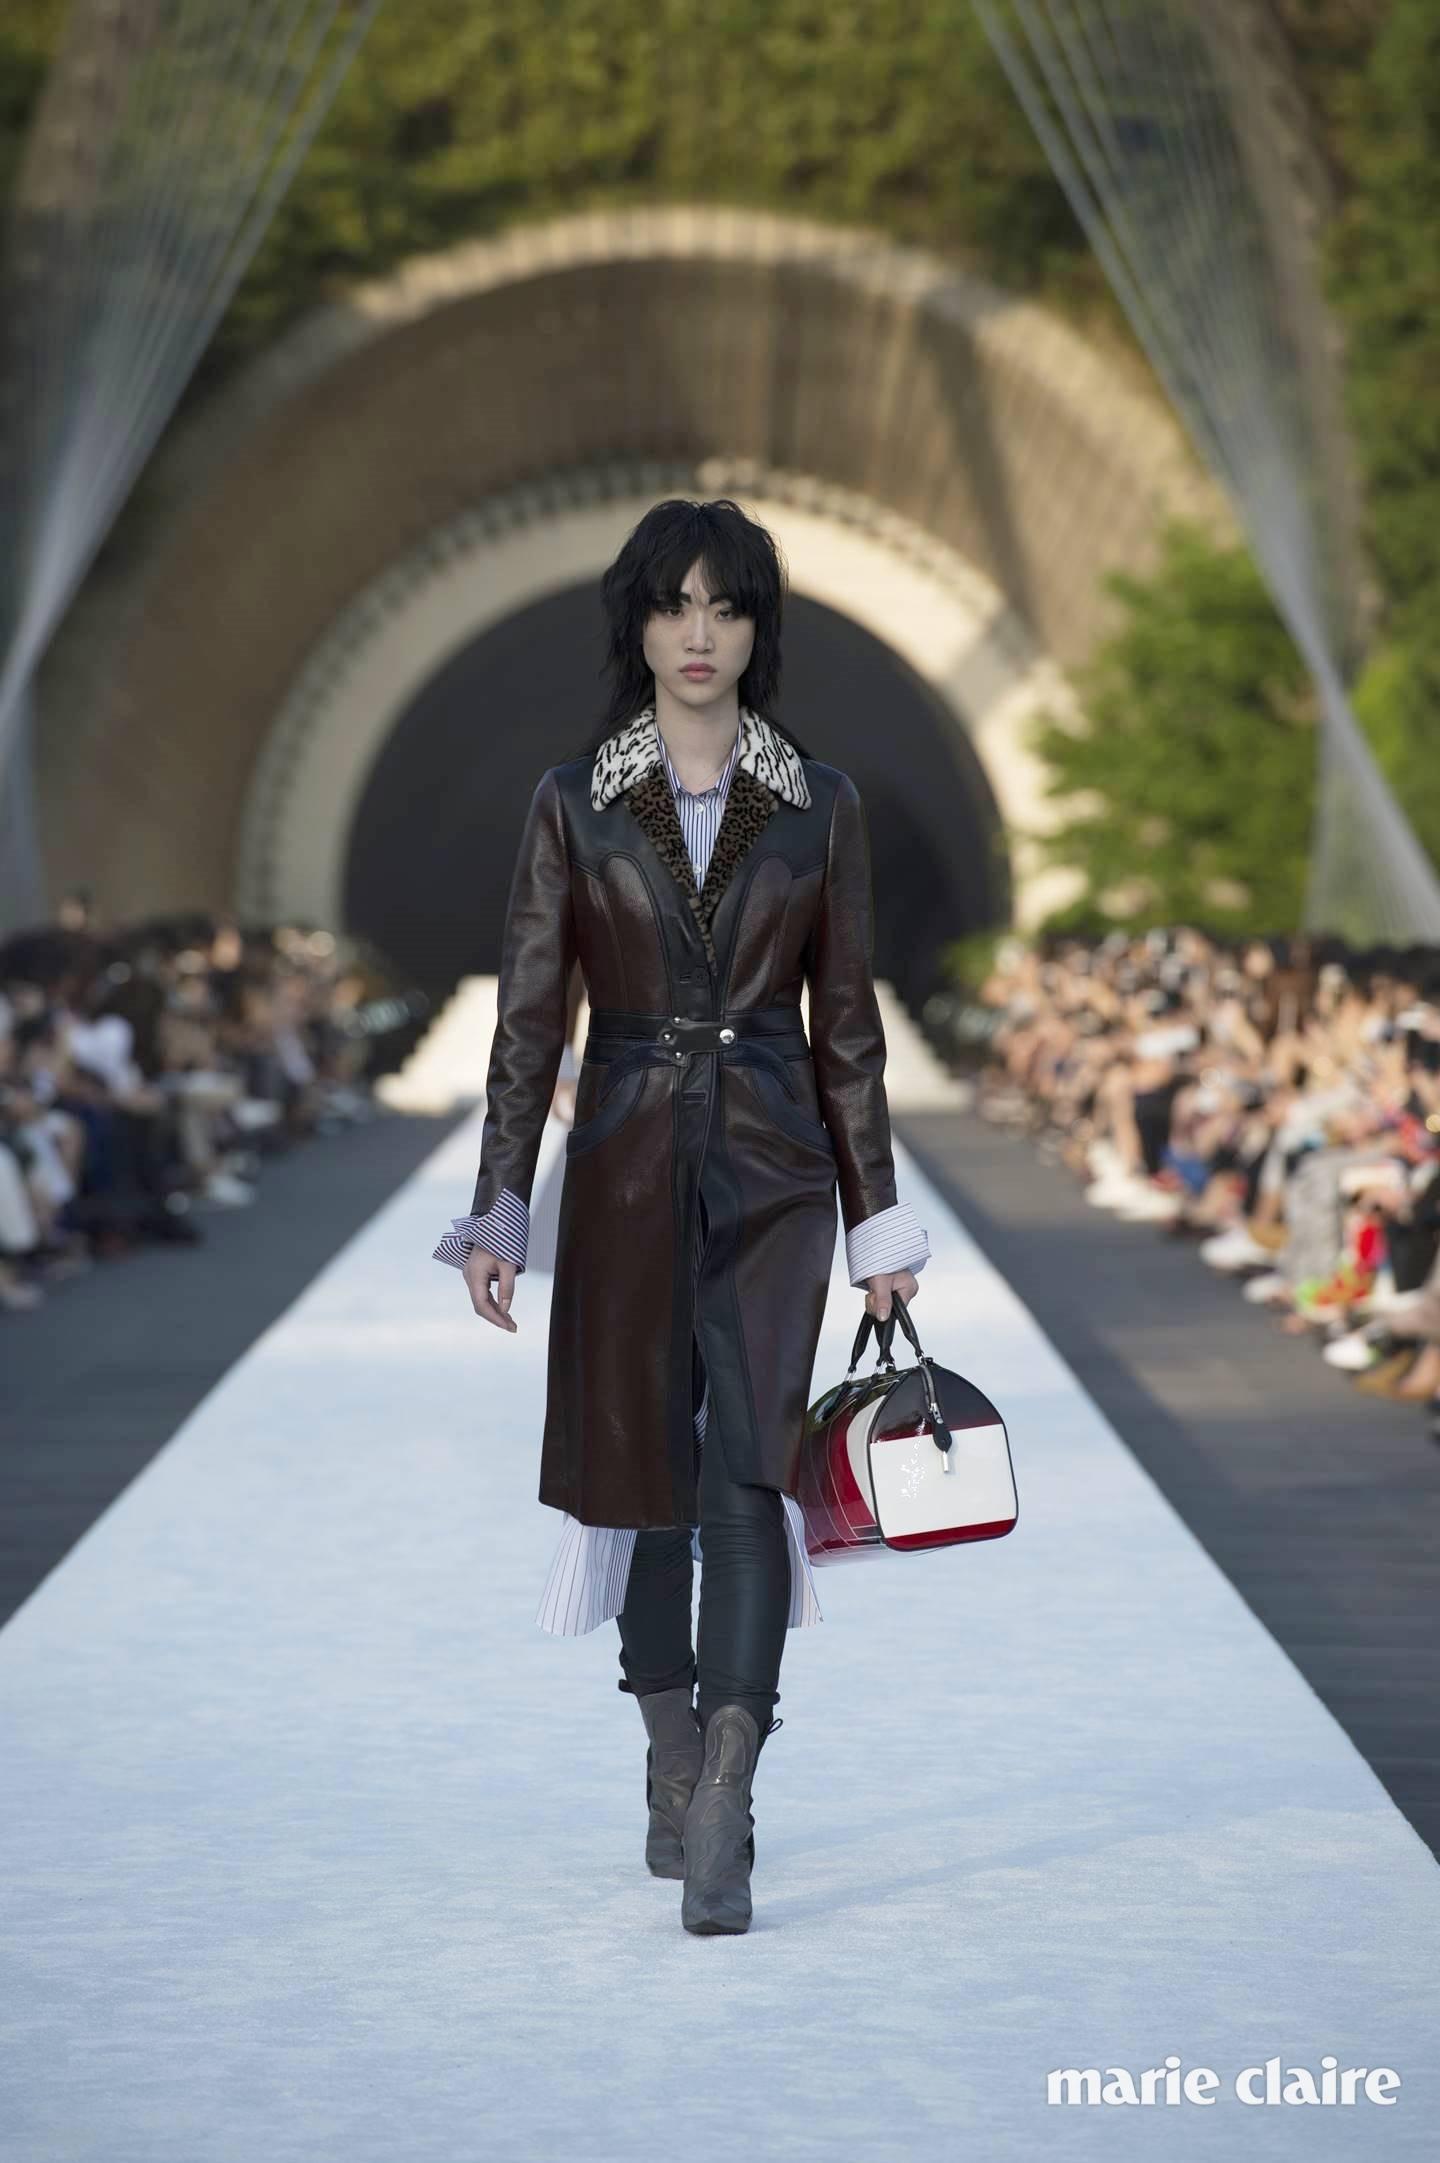 2018 루이 비통 크루즈 컬렉션 런웨이에 선 모델 최소라.